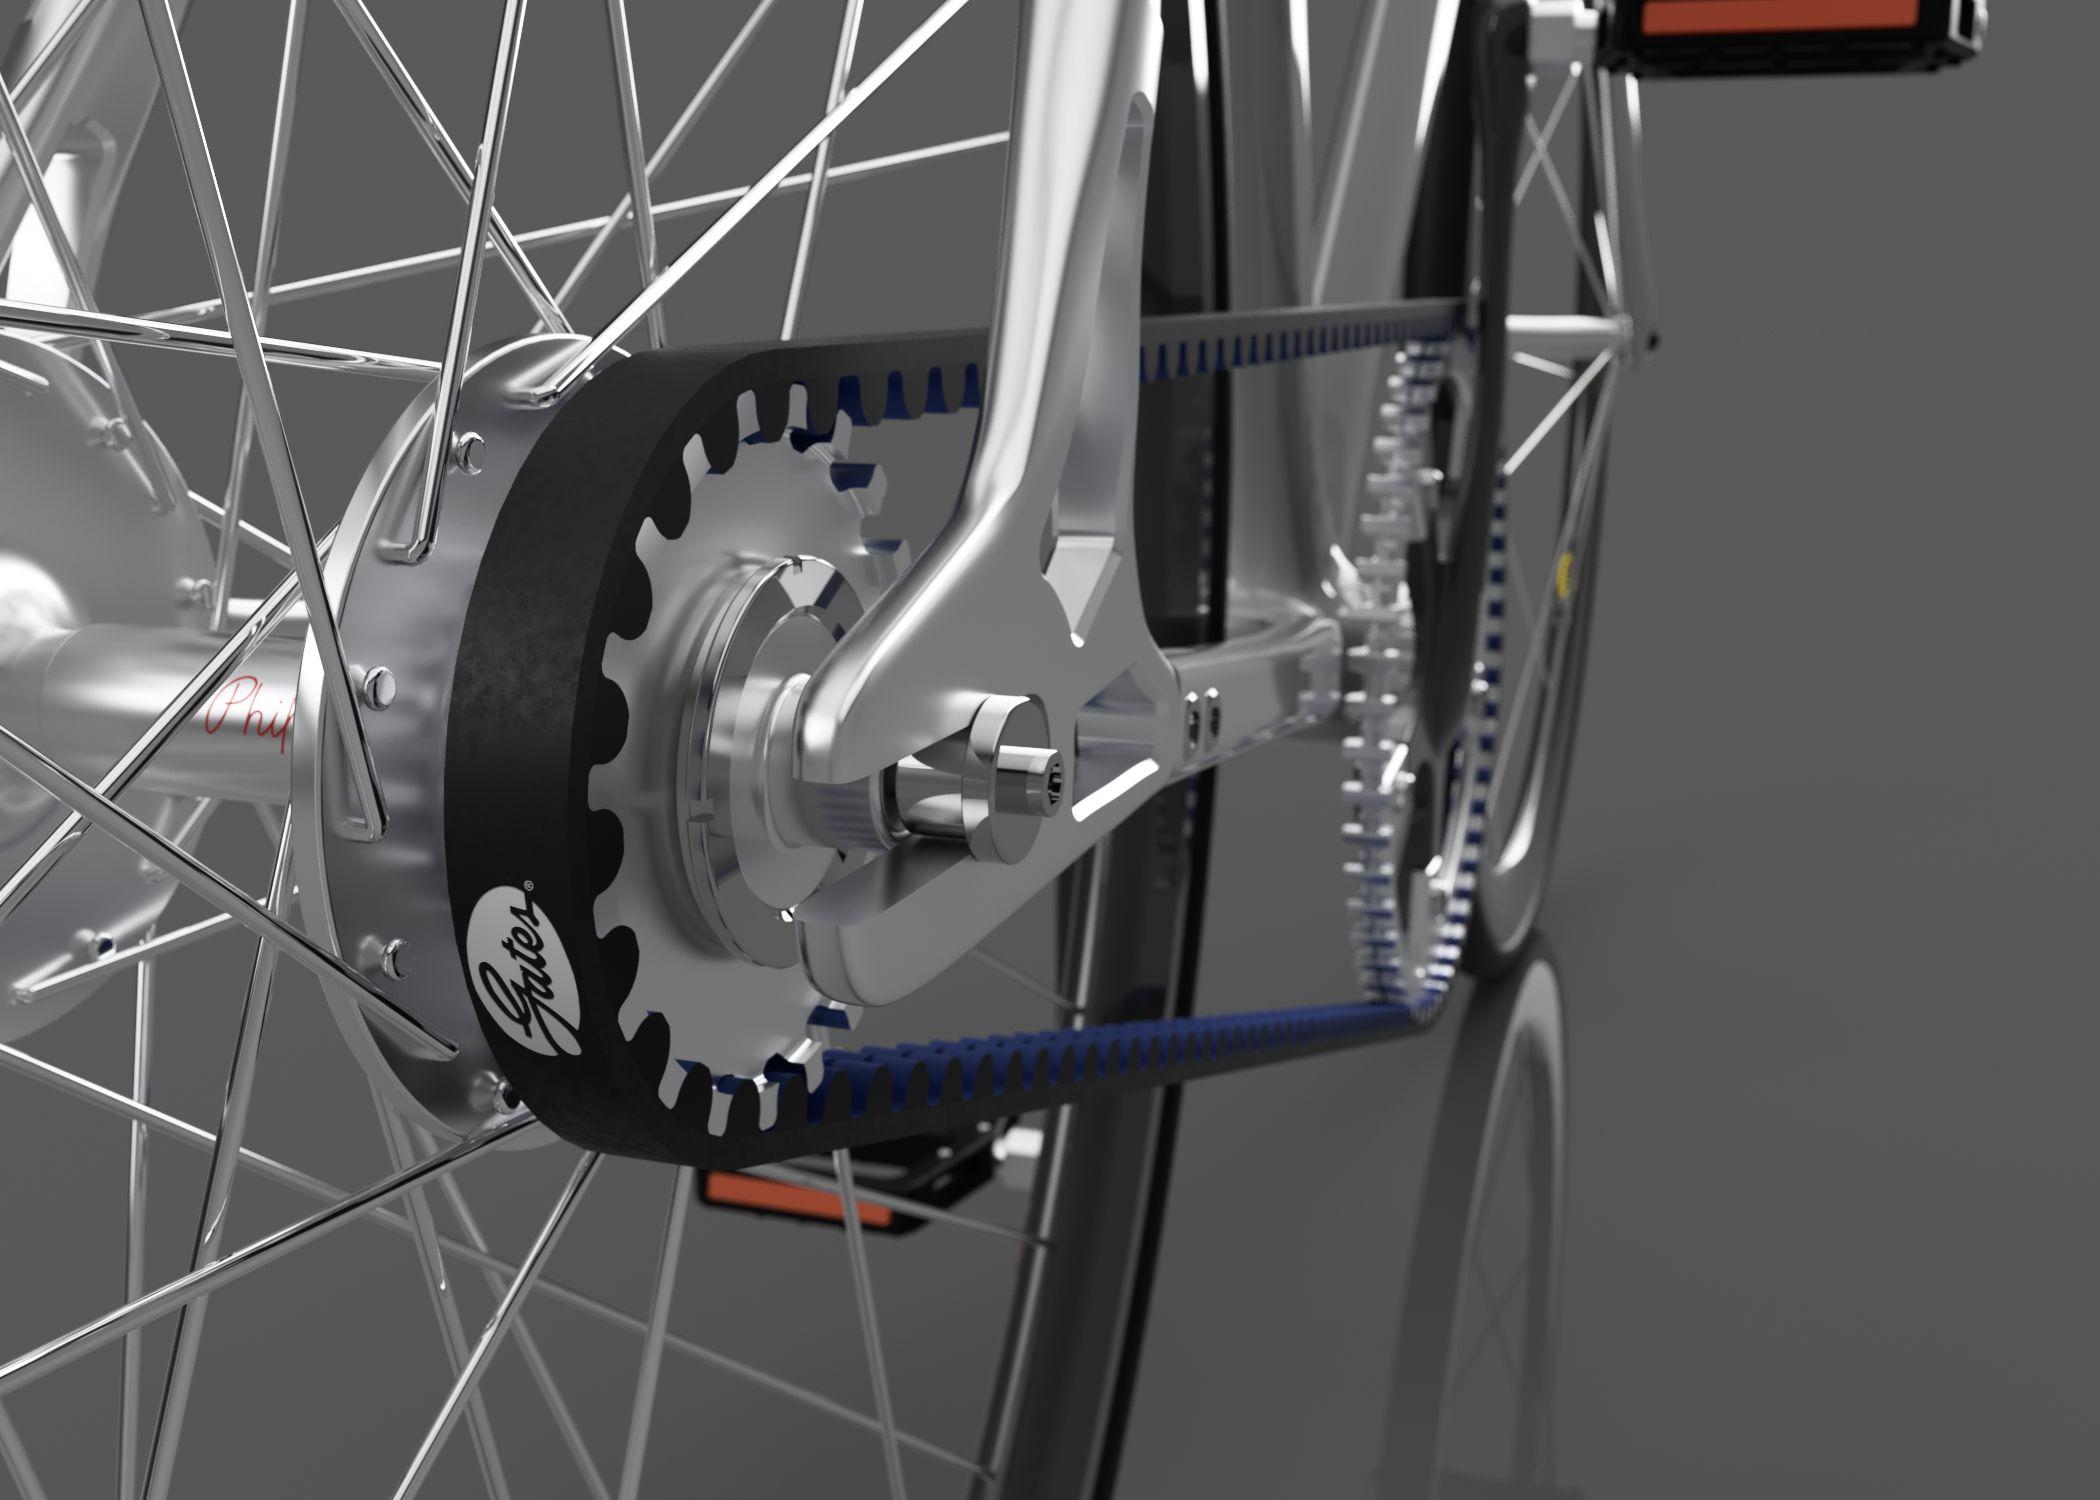 S3546729-craiggraham-bike6-3500-3500